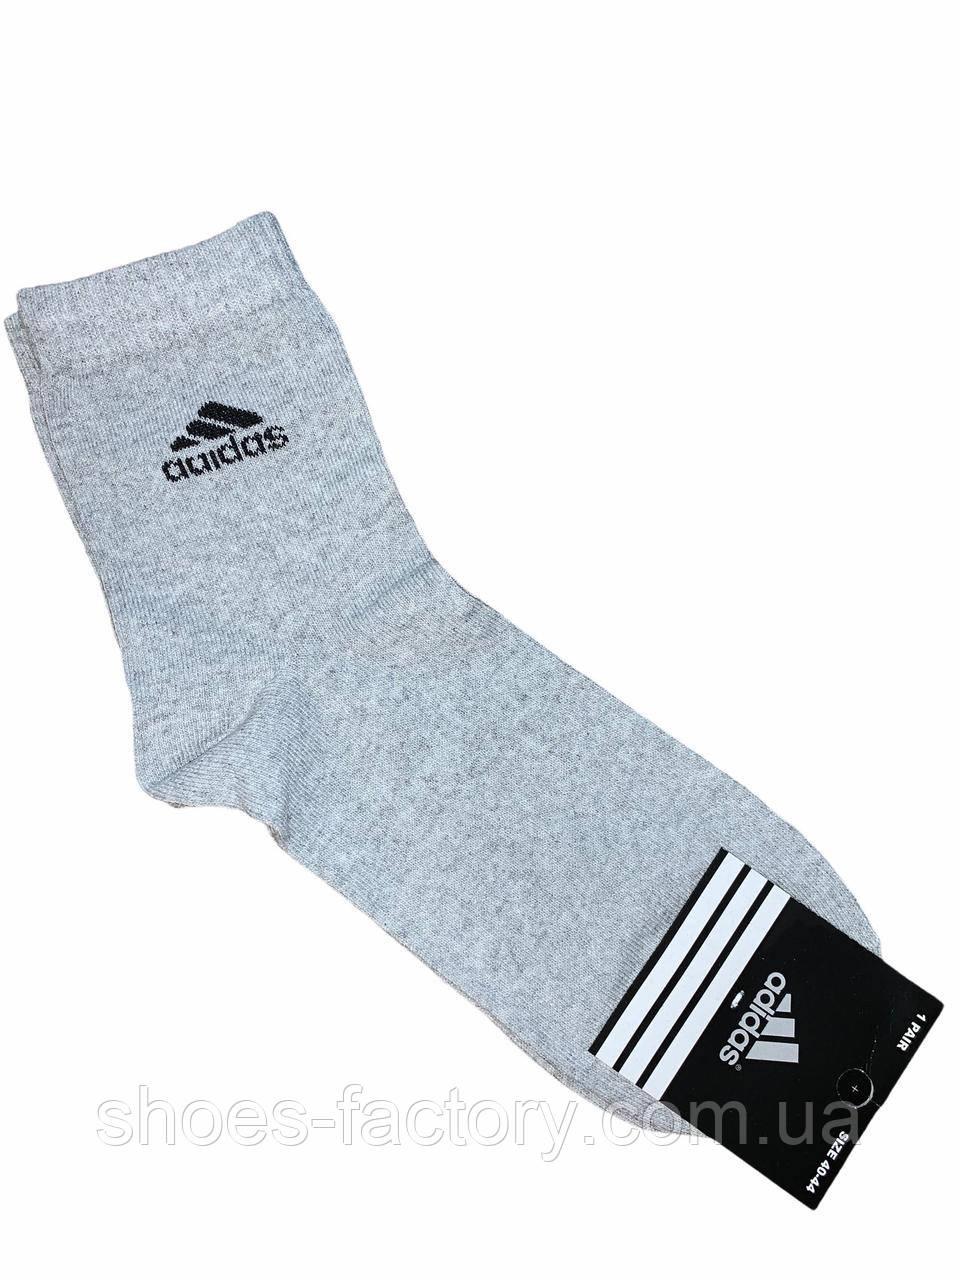 Мужские носки Adidas, Gray